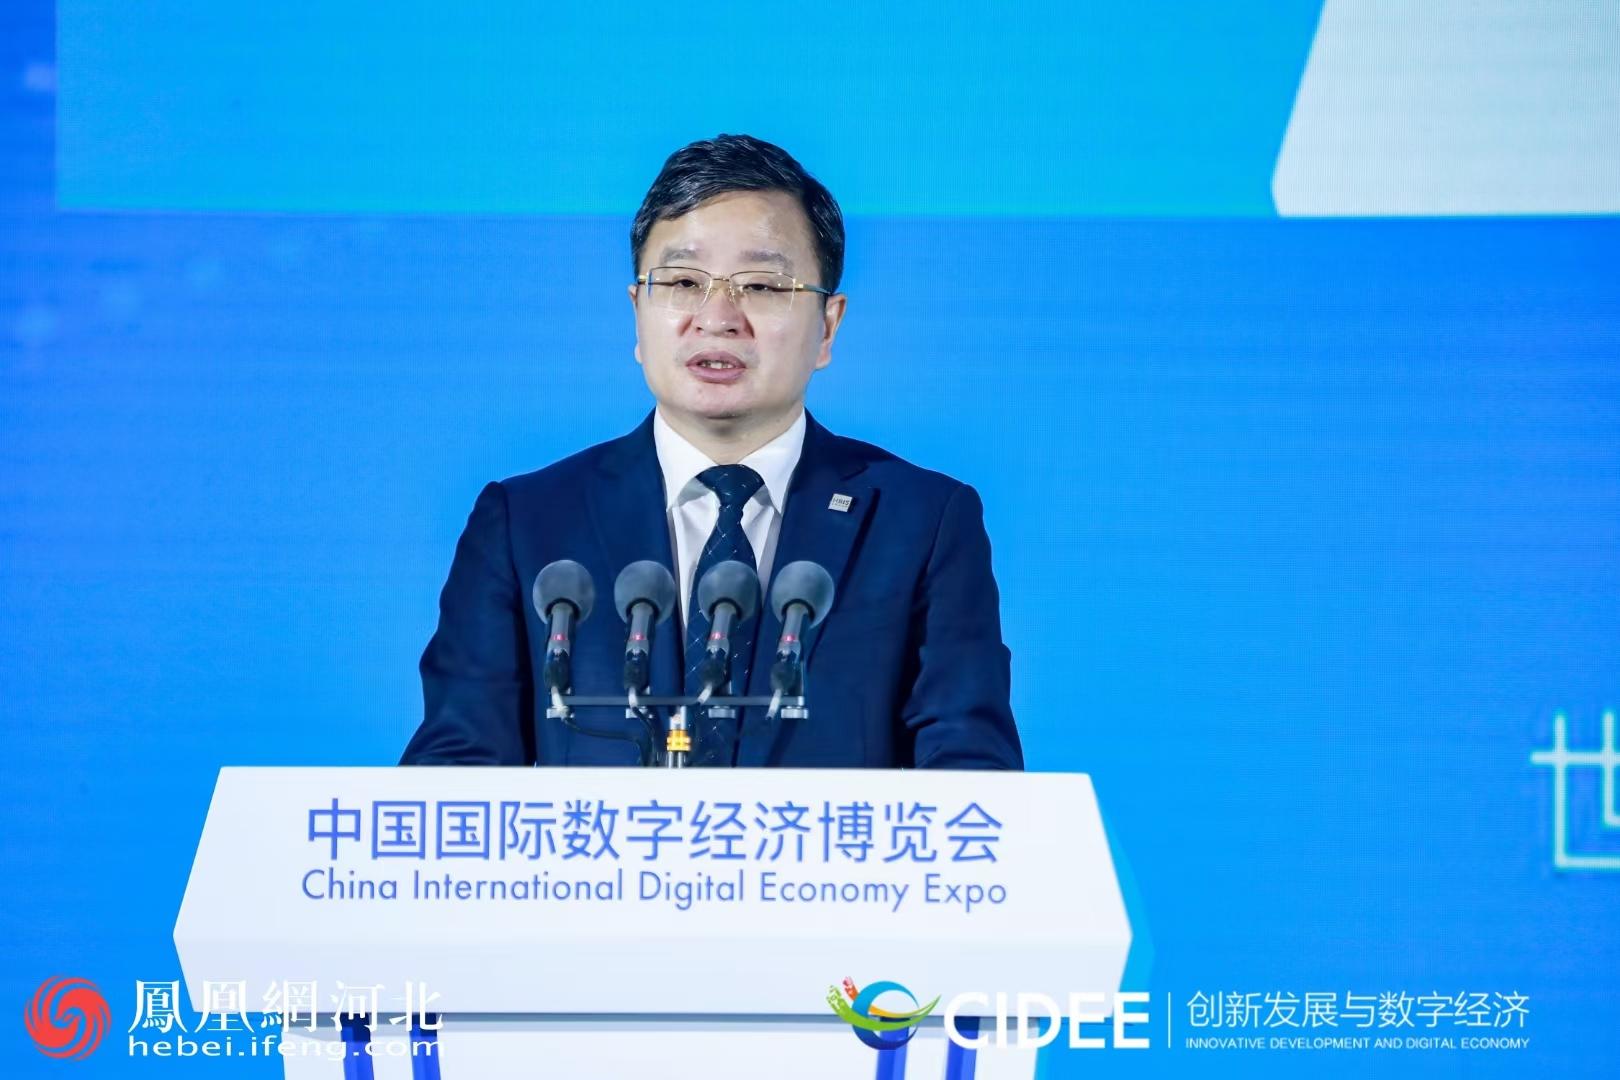 河钢集团副总经理、战略研究院院长,世界钢铁发展研究院副院长李毅仁